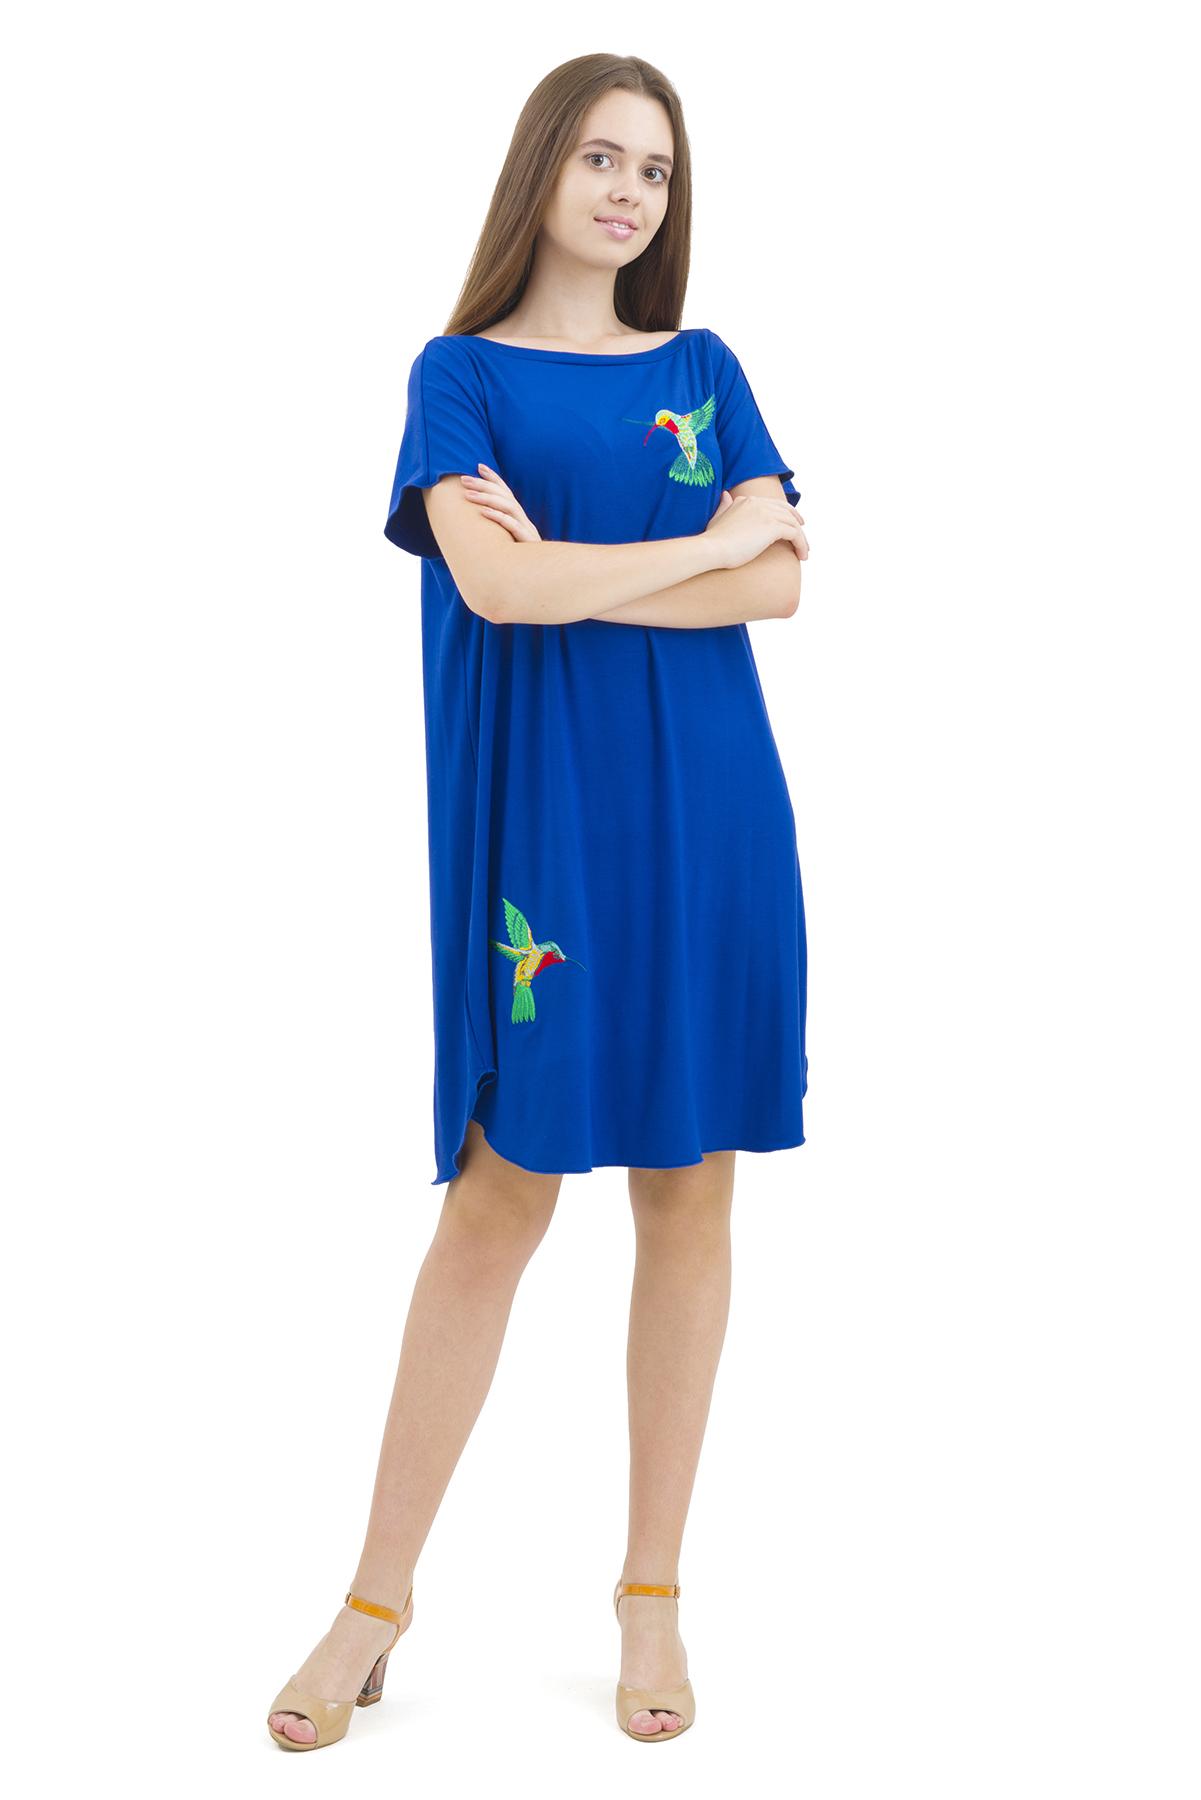 ПлатьеПлатья,  сарафаны<br>Изумительное платье с оригинальной вышивкой и лаконичного дизайна не оставит Вас незамеченной среди окружающих.<br><br>Цвет: синий<br>Состав: 92% вискоза; 8% эластан<br>Размер: 46,48,50,52,54,56,58,60<br>Страна дизайна: Россия<br>Страна производства: Россия